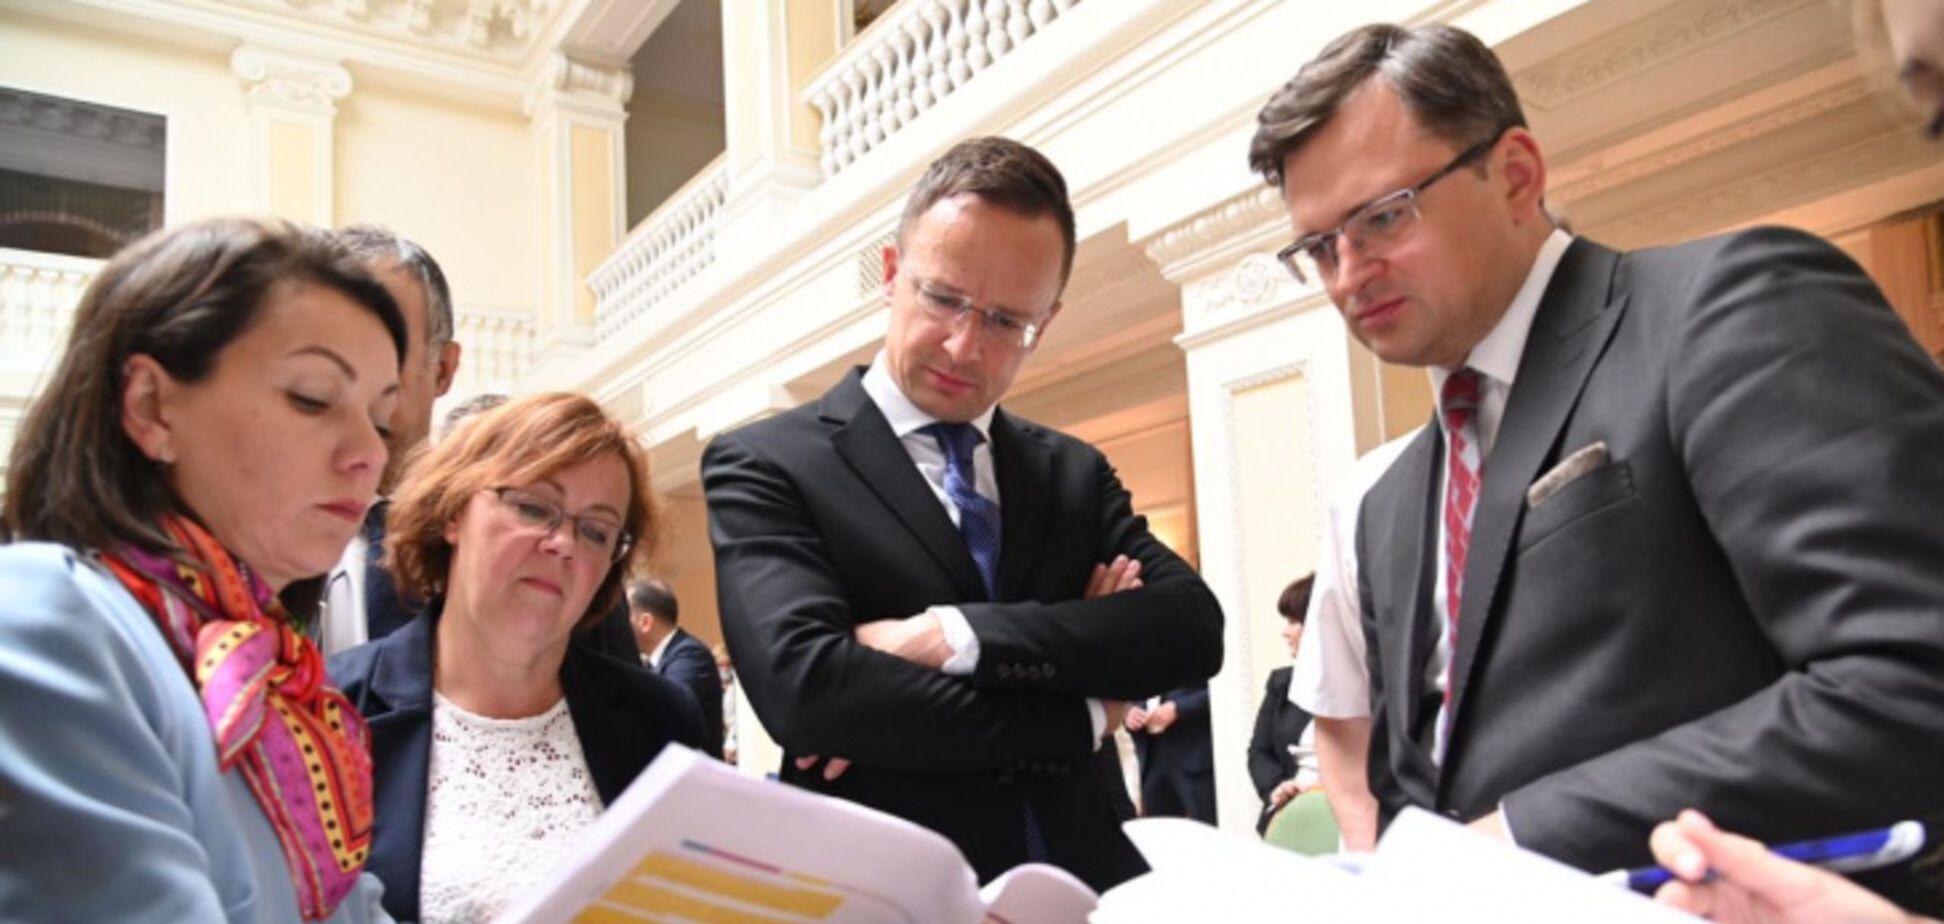 Вперше за 7 років делегація Угорщини прибула на переговори з Україною